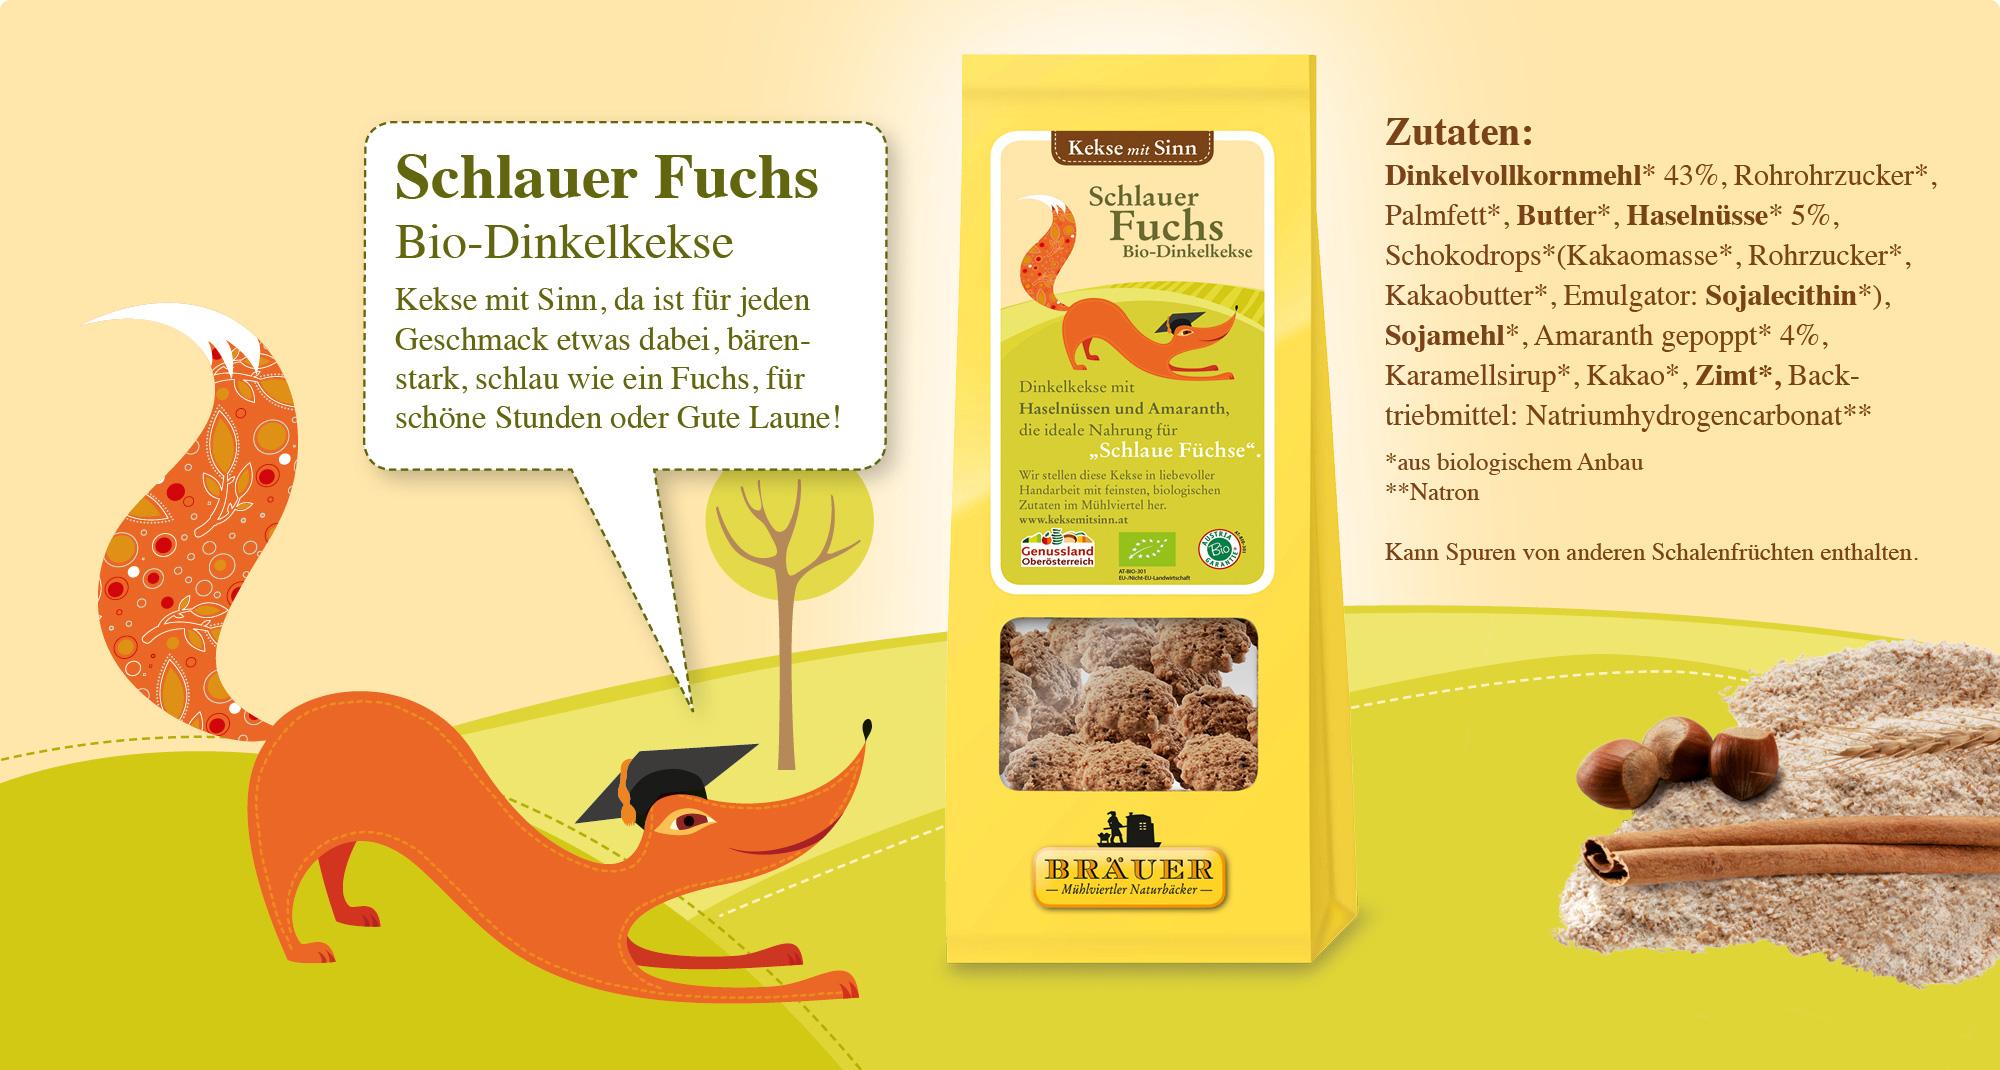 Schlauer Fuchs Bio-Dinkelkekse